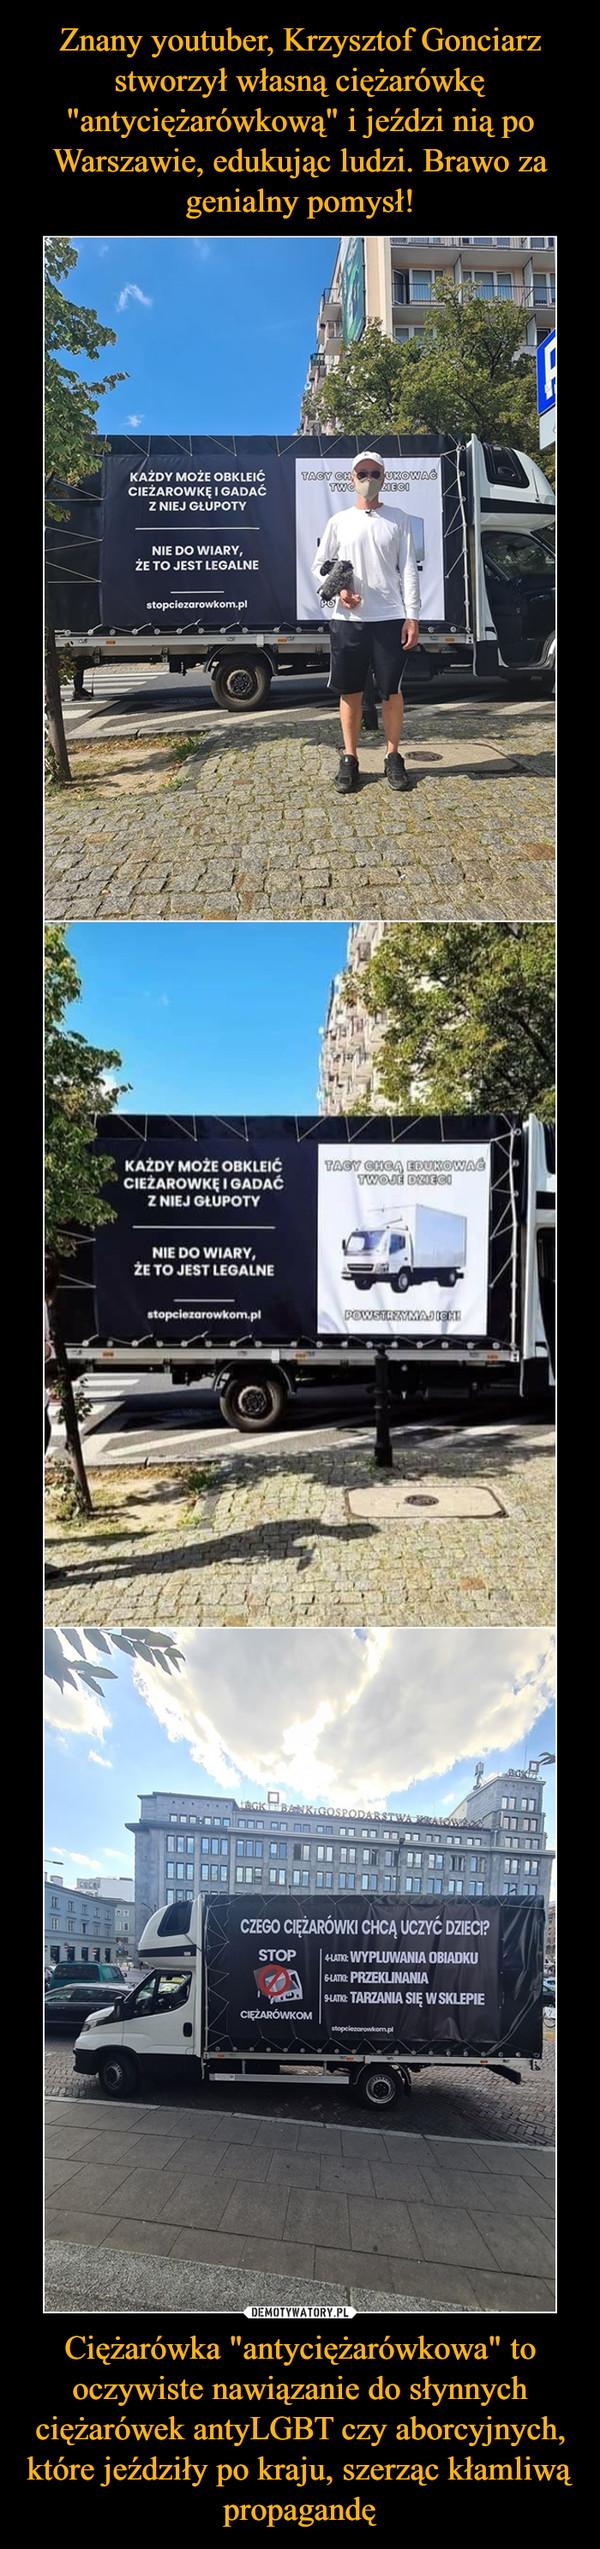 """Ciężarówka """"antyciężarówkowa"""" to oczywiste nawiązanie do słynnych ciężarówek antyLGBT czy aborcyjnych, które jeździły po kraju, szerząc kłamliwą propagandę –  KAŻDY MOŻE OBKLEIĆ CIEŻAROWKĘ I GADAĆ Z NIEJ GtUPOTY"""